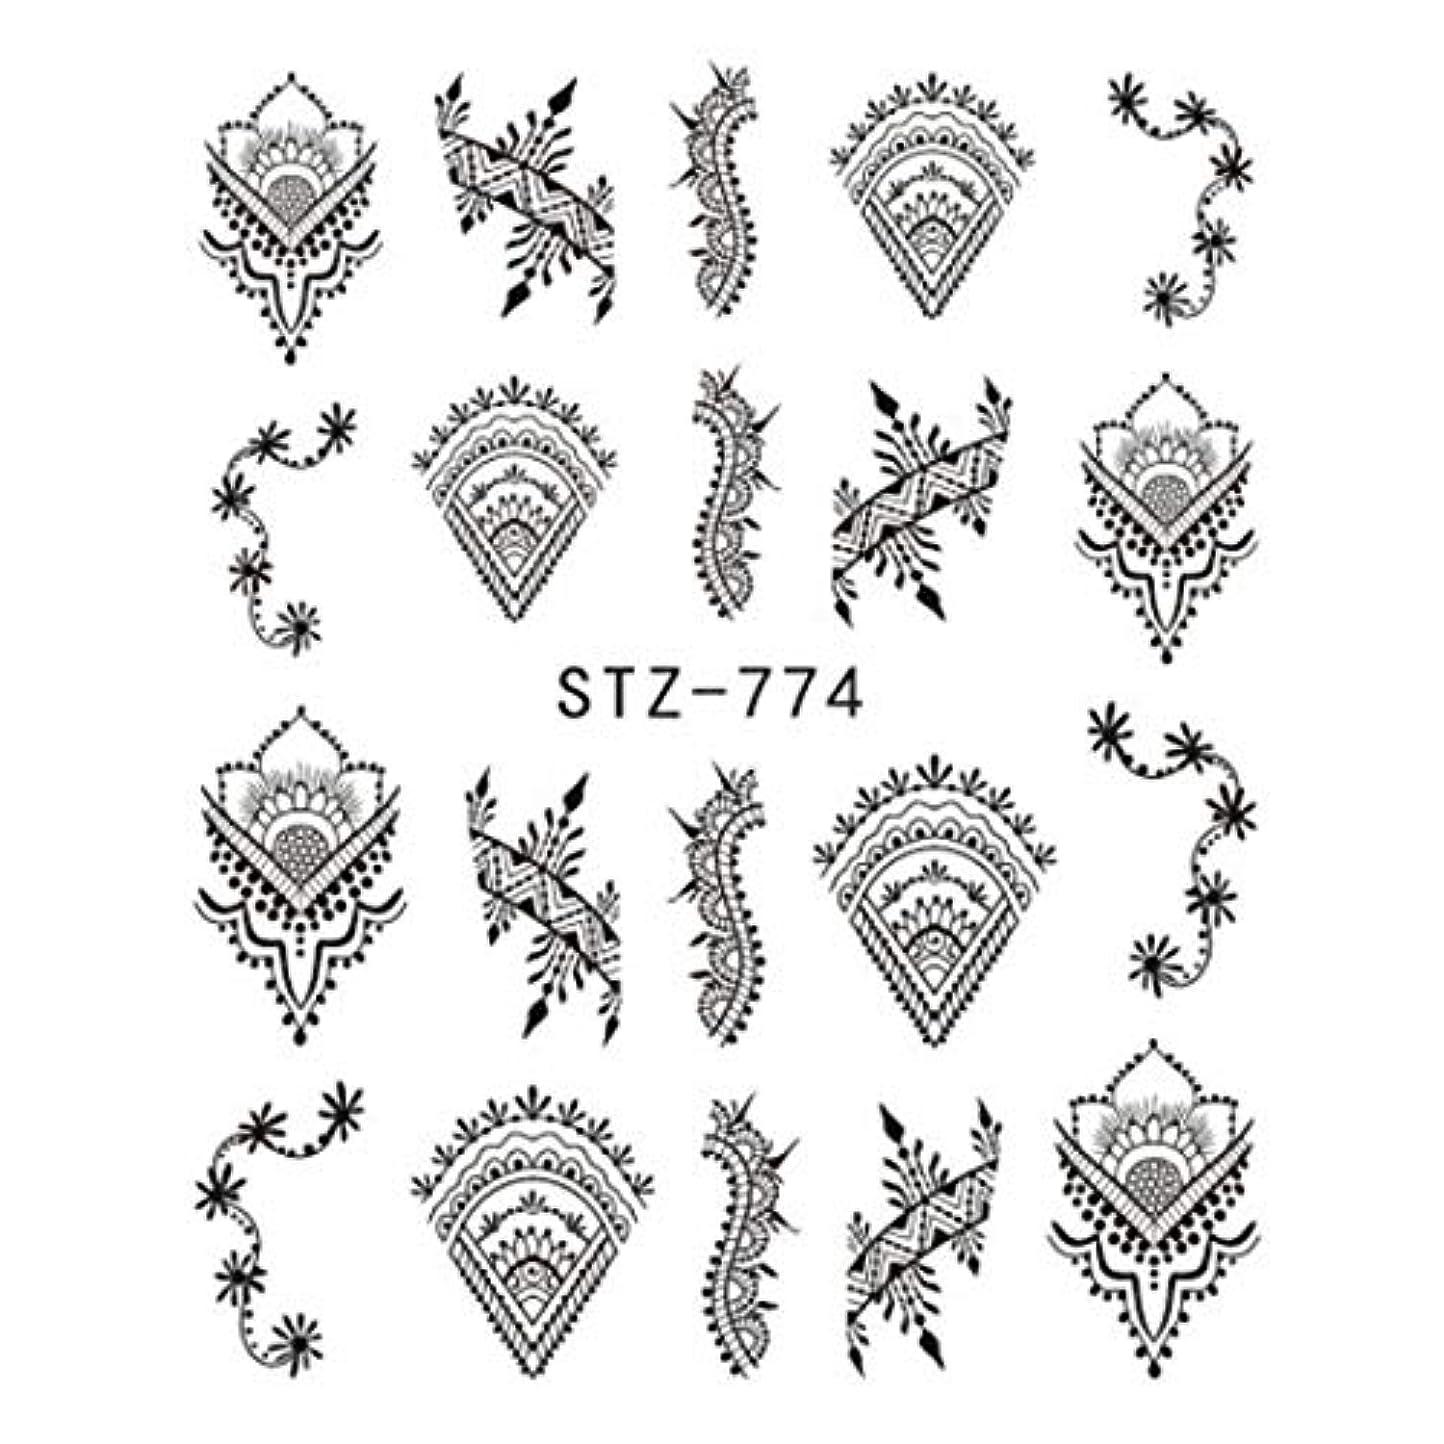 クレーン頭ゆりかごSUKTI&XIAO ネイルステッカー 1ピースネイルステッカー美容黒ネックレスジュエリー水転写スライダー用マニキュアネイルアート装飾、Stz774